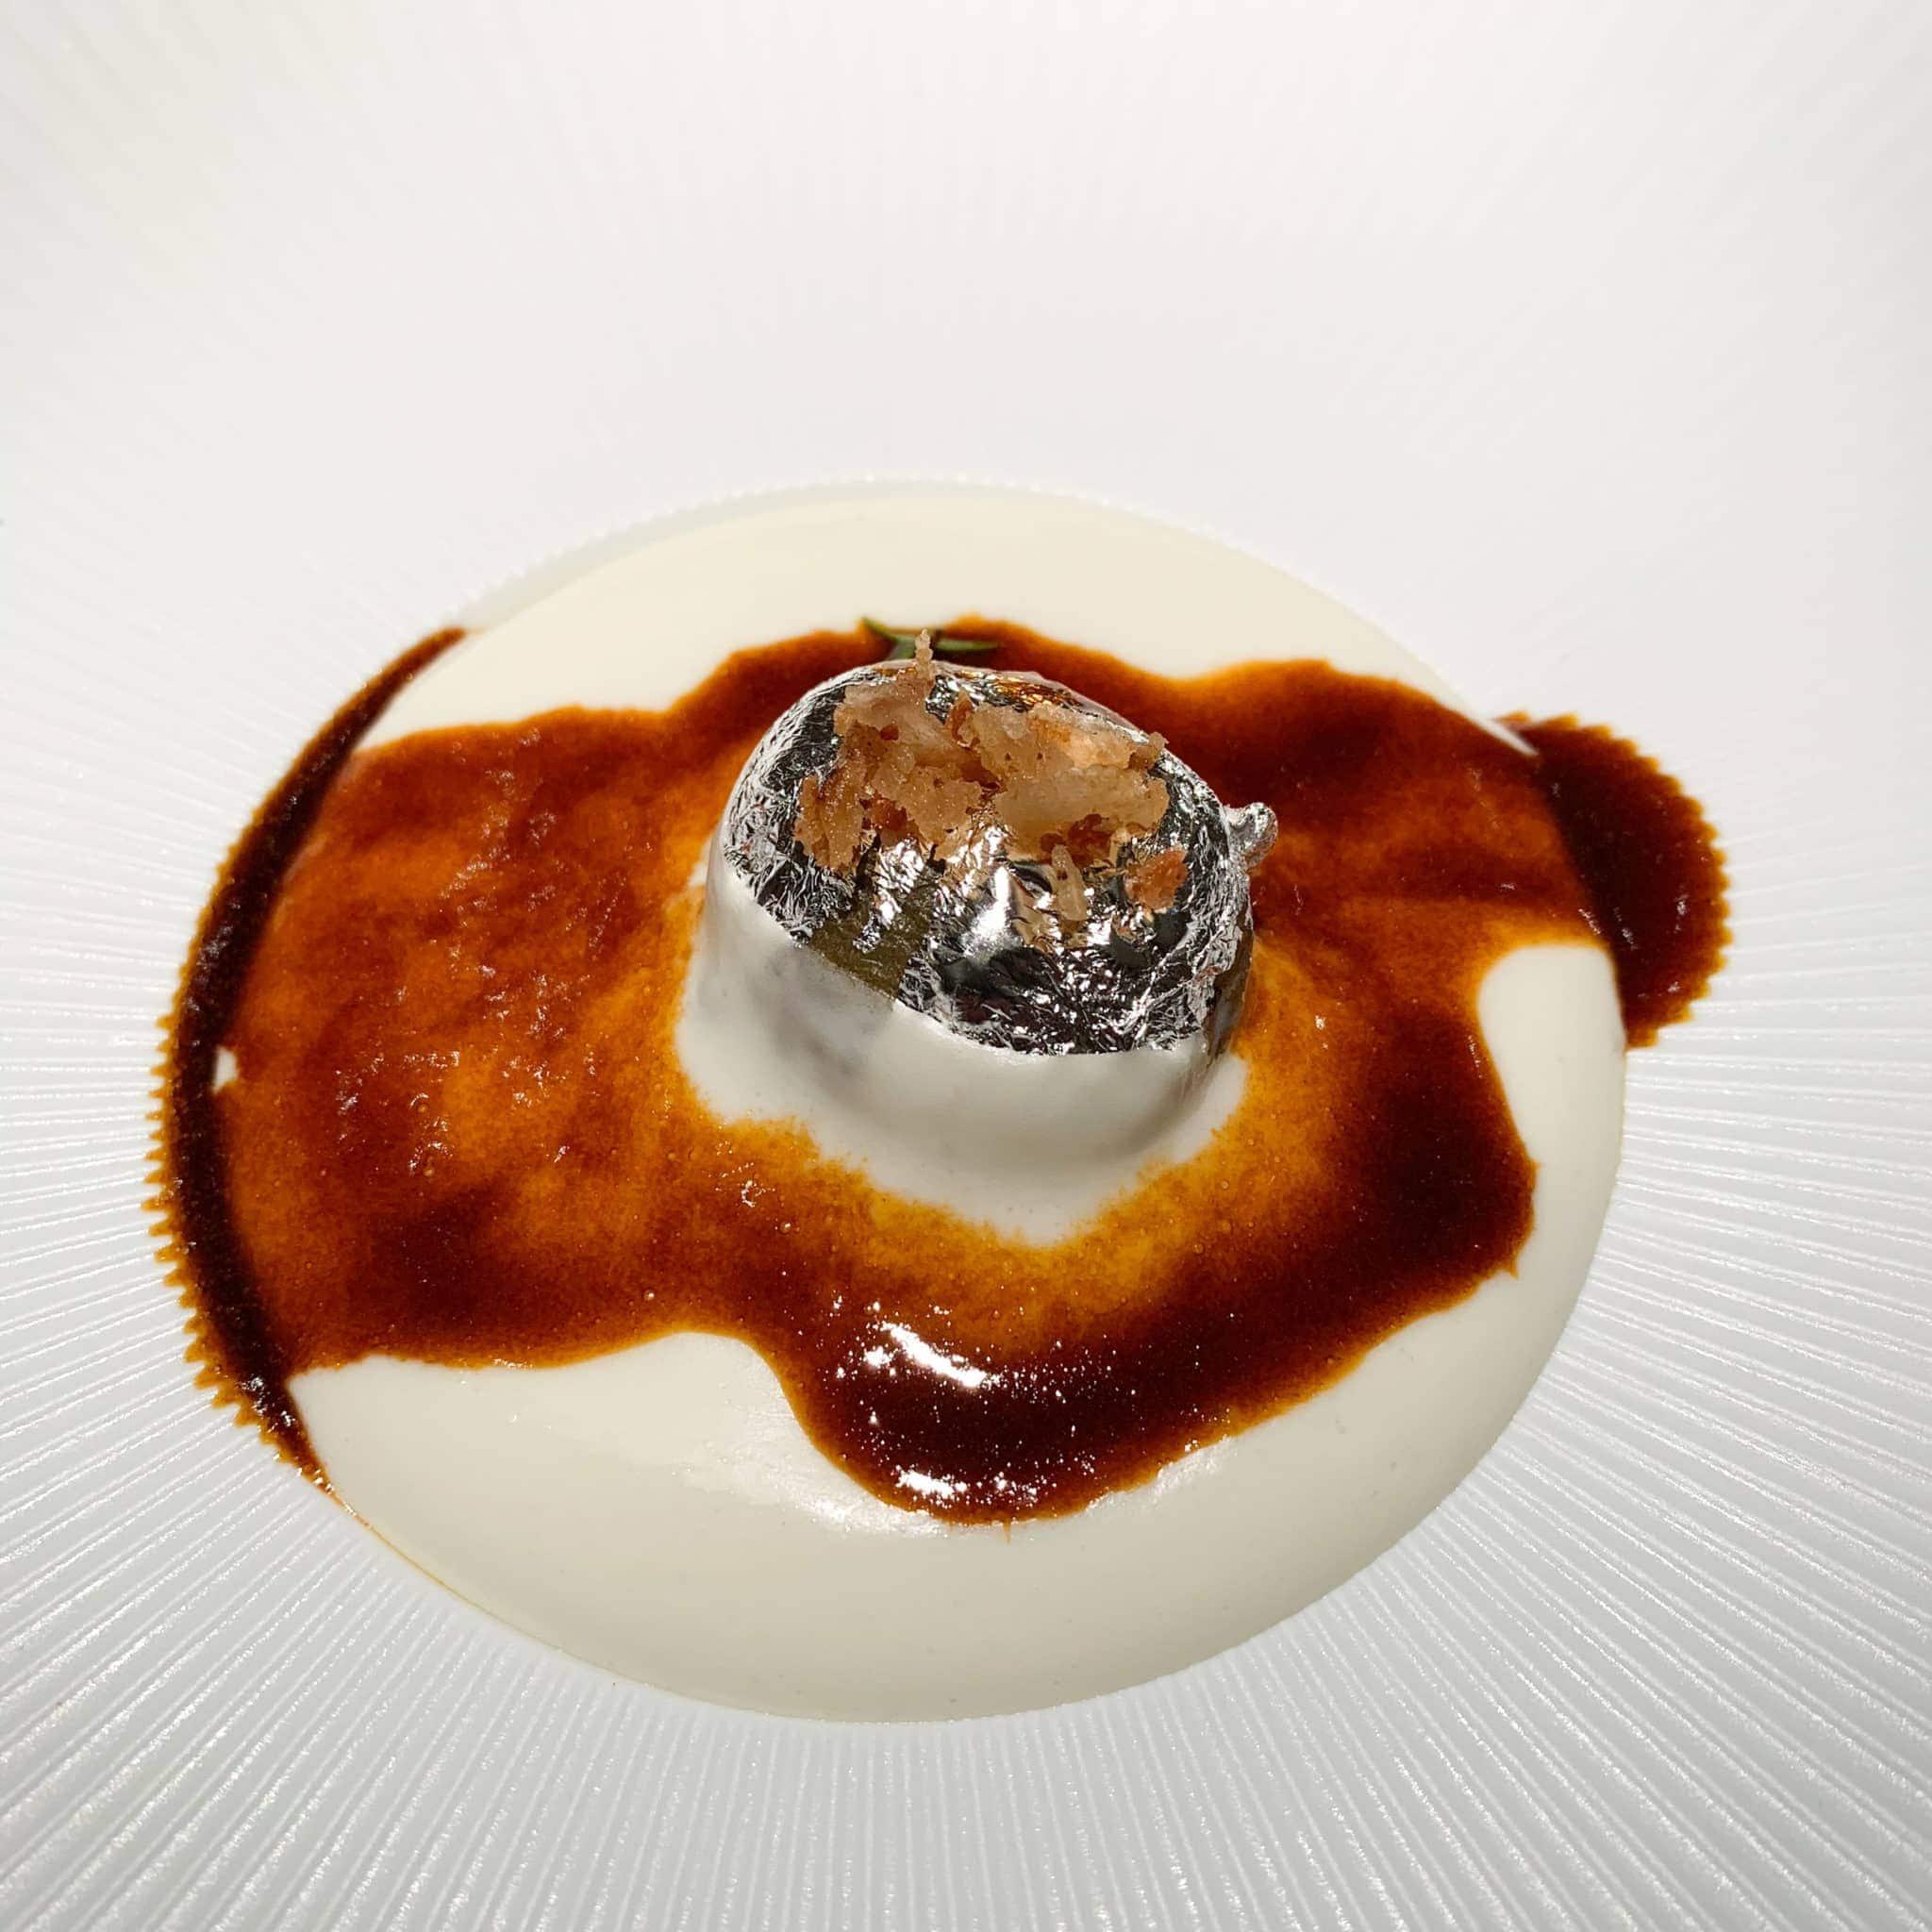 Potato with edible silver